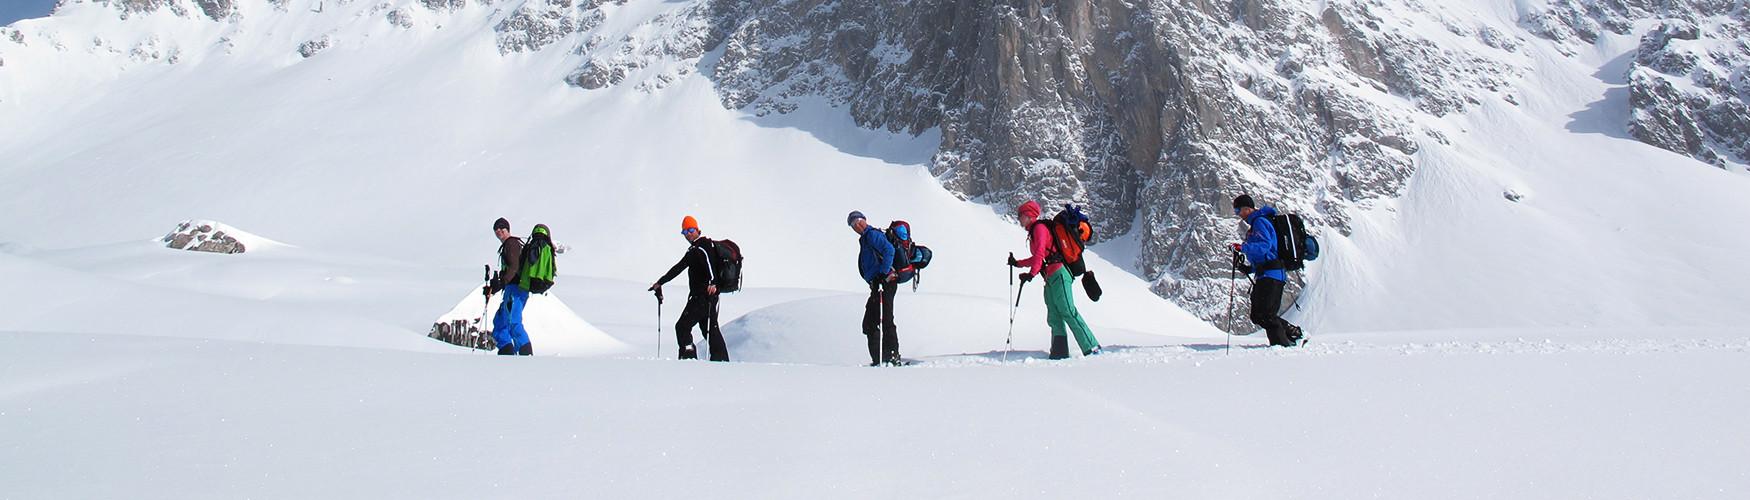 Skitour Stützpunkte, Freeride Schweiz Guide